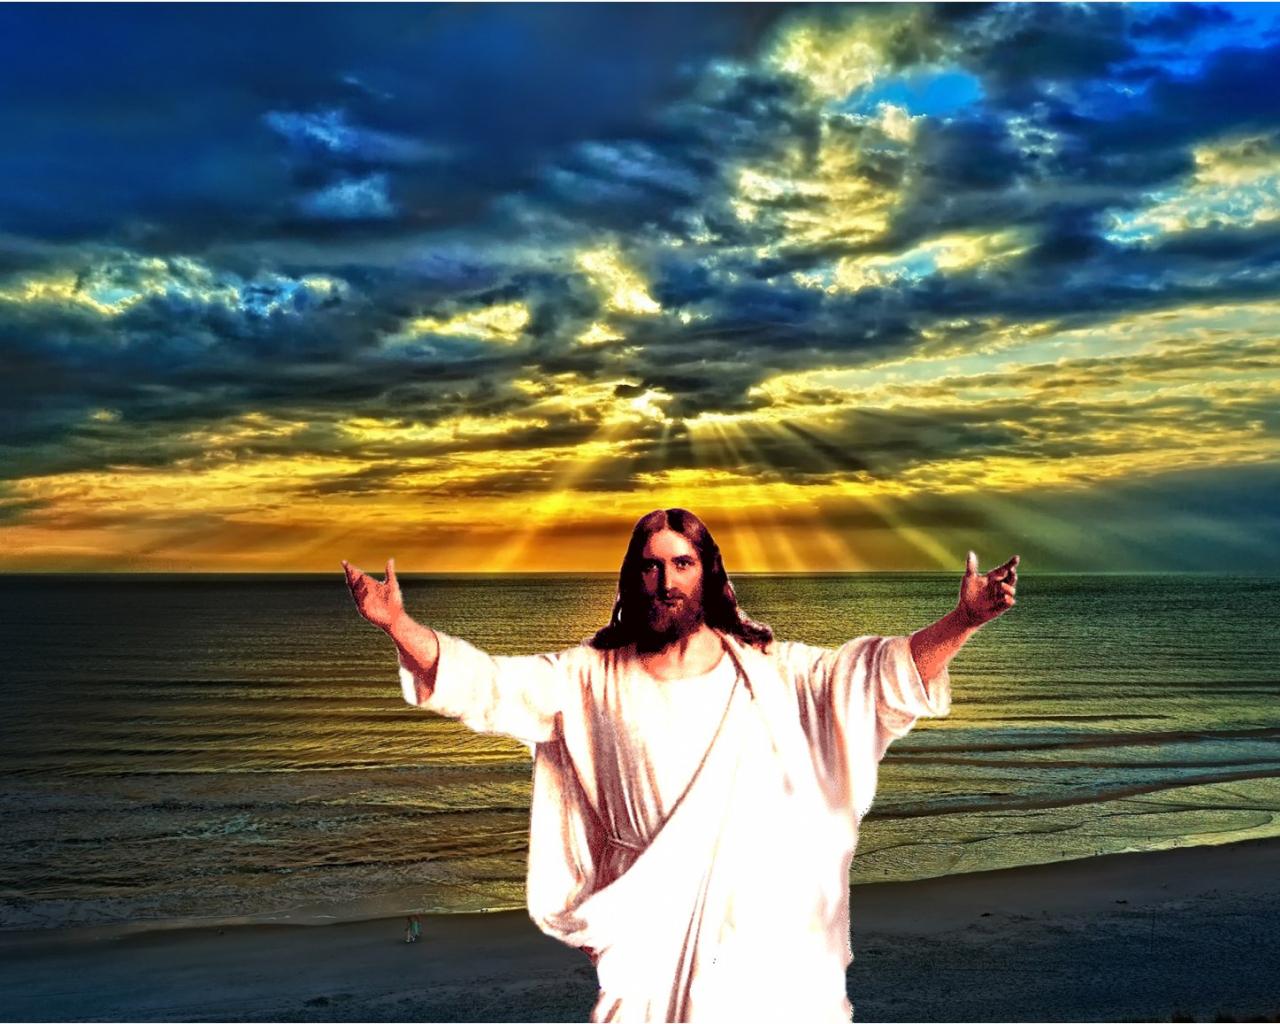 связанные картинки на рабочий стол иисус если